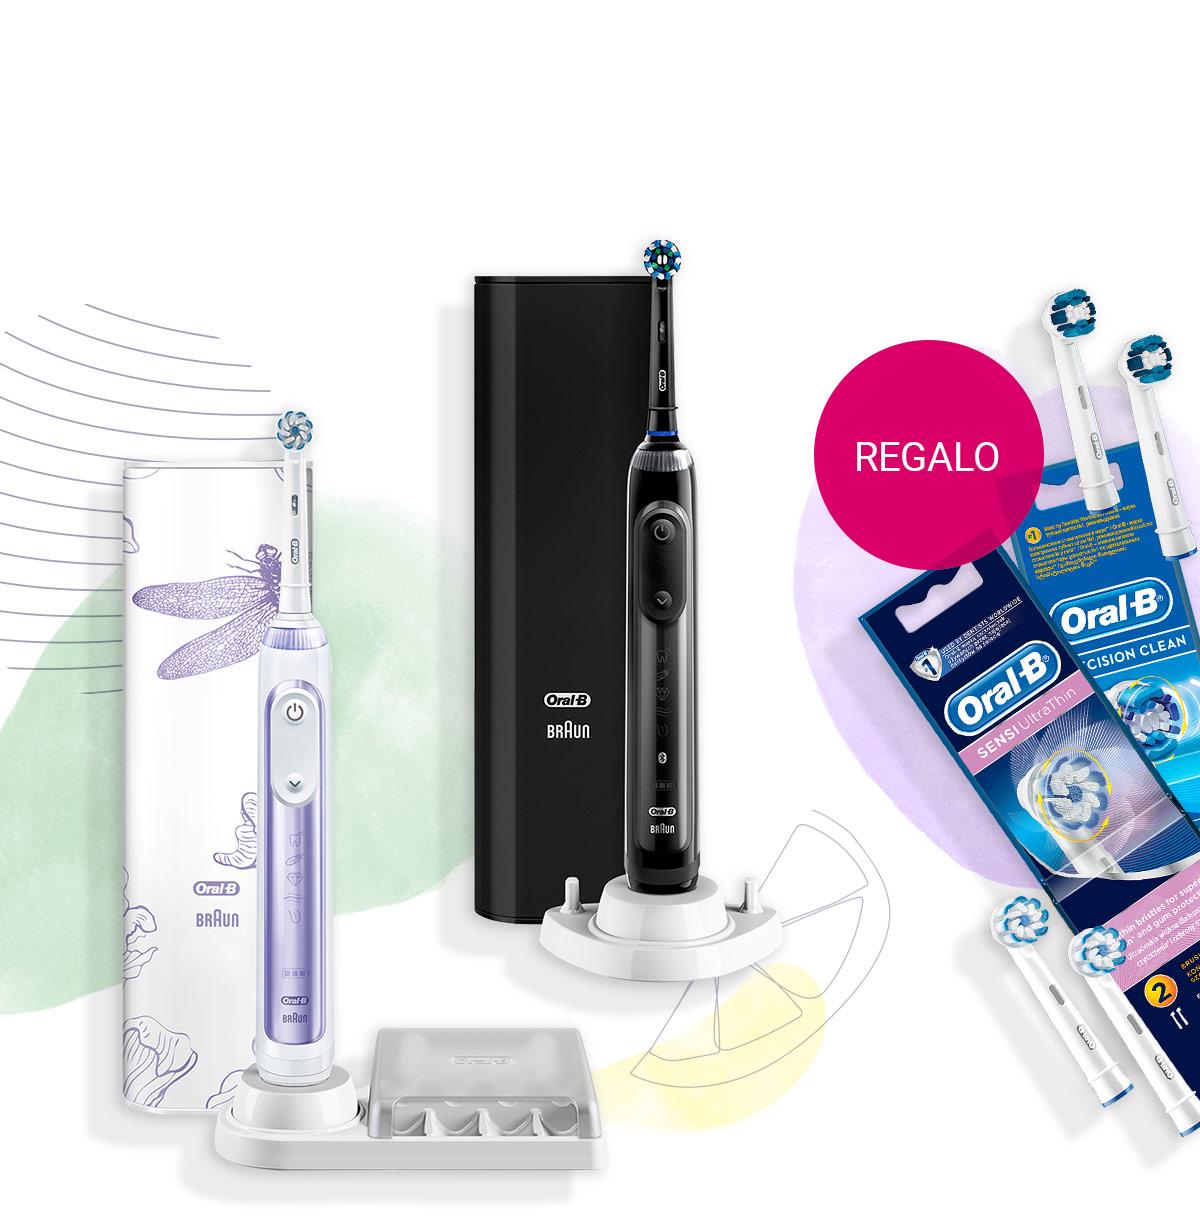 Acquista spazzolini oscillanti Oral-B selezionati e ricevi in regalo 2 testine extra in regalo